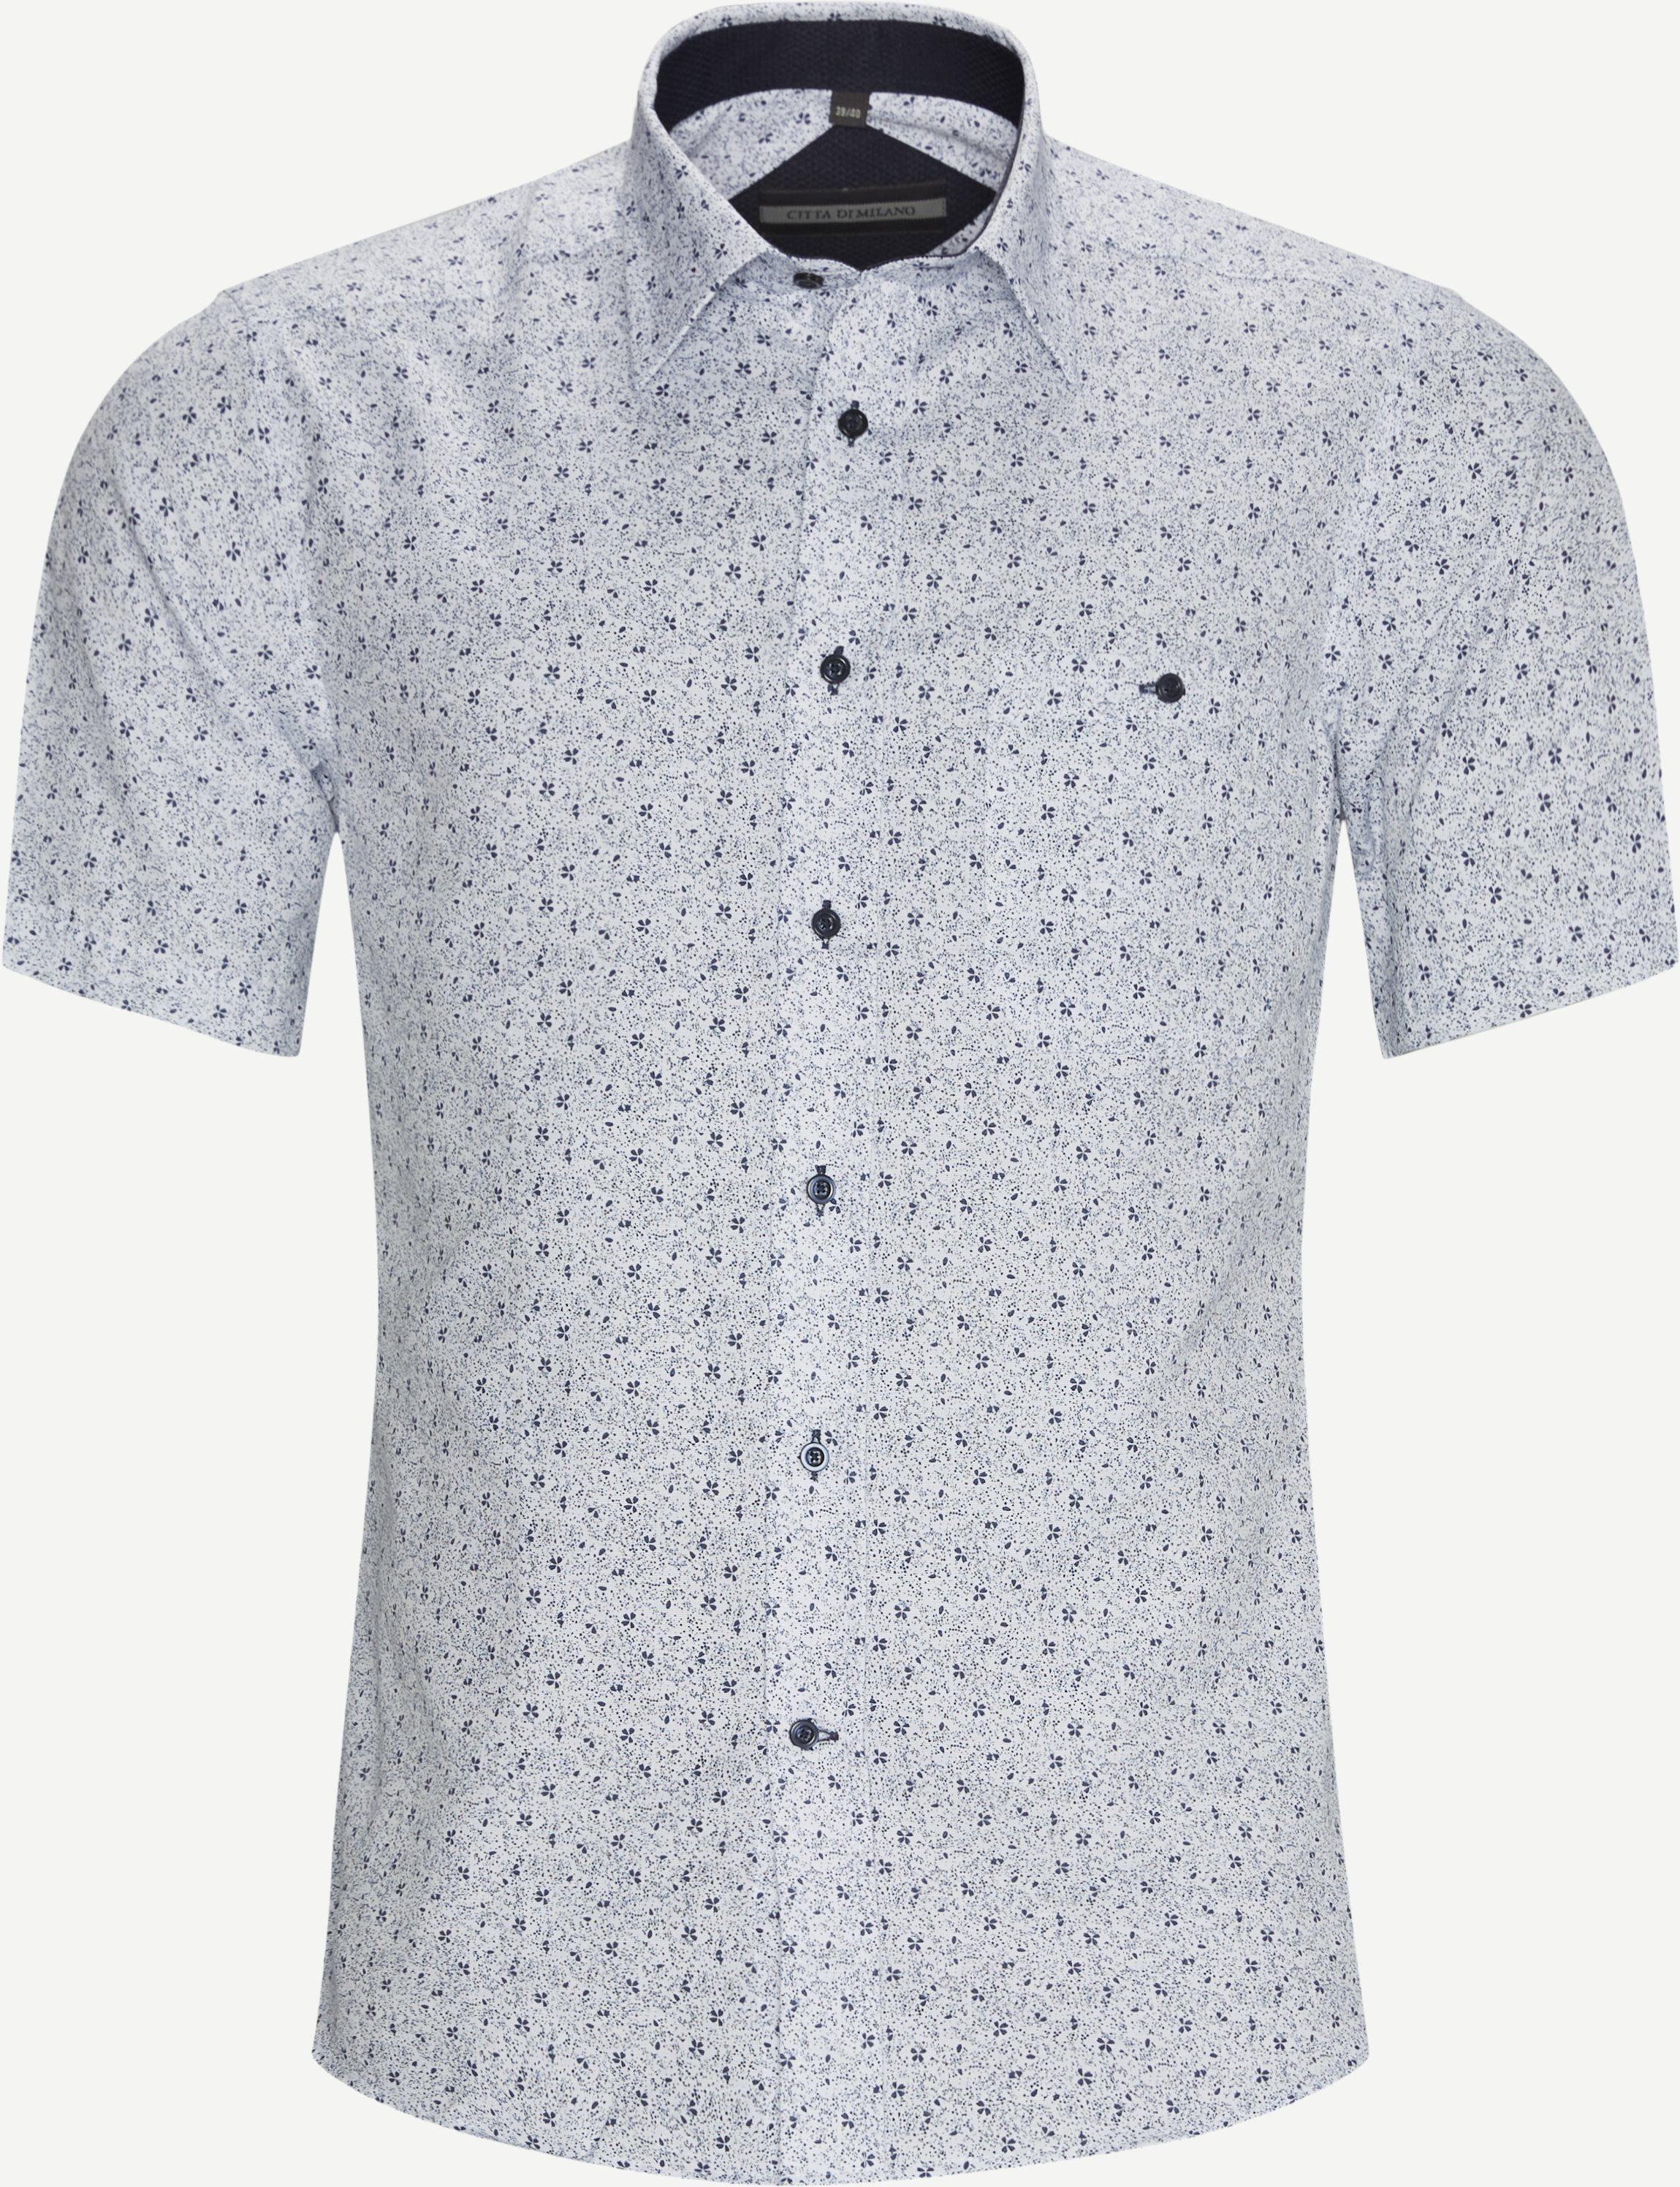 Basel K/Æ Skjorte - Short-sleeved shirts - Regular fit - White